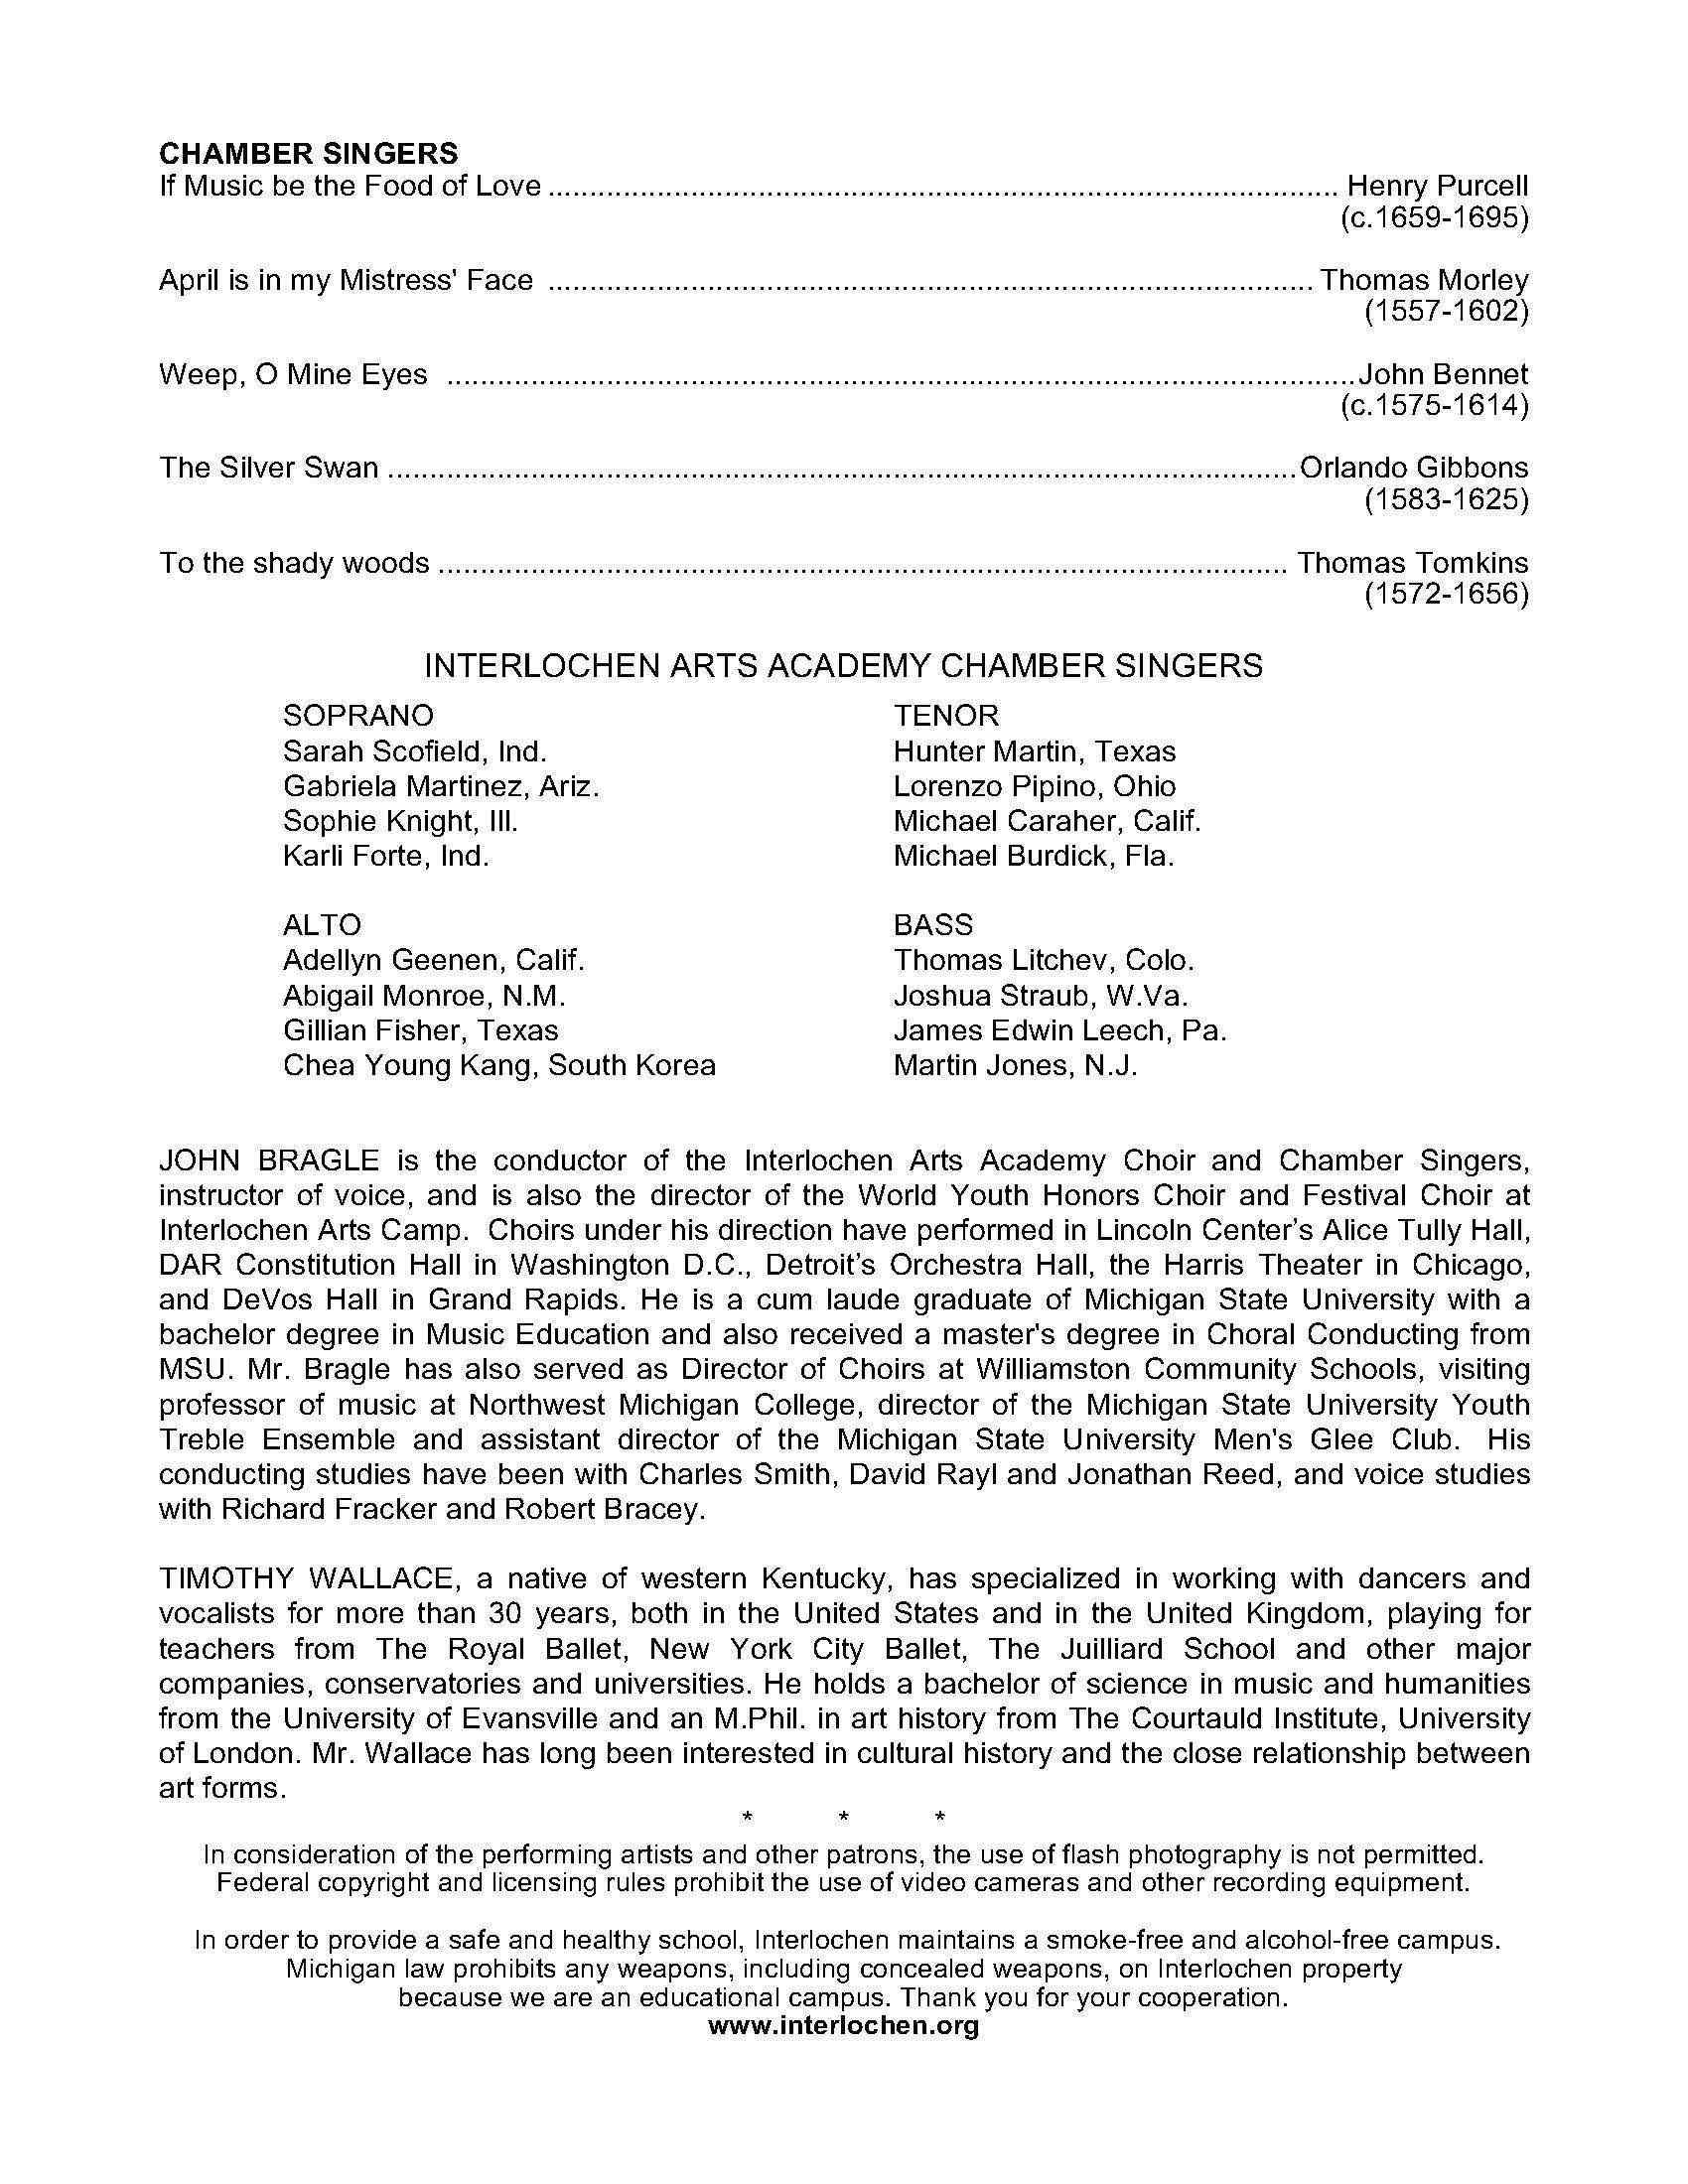 Ptcas application essay